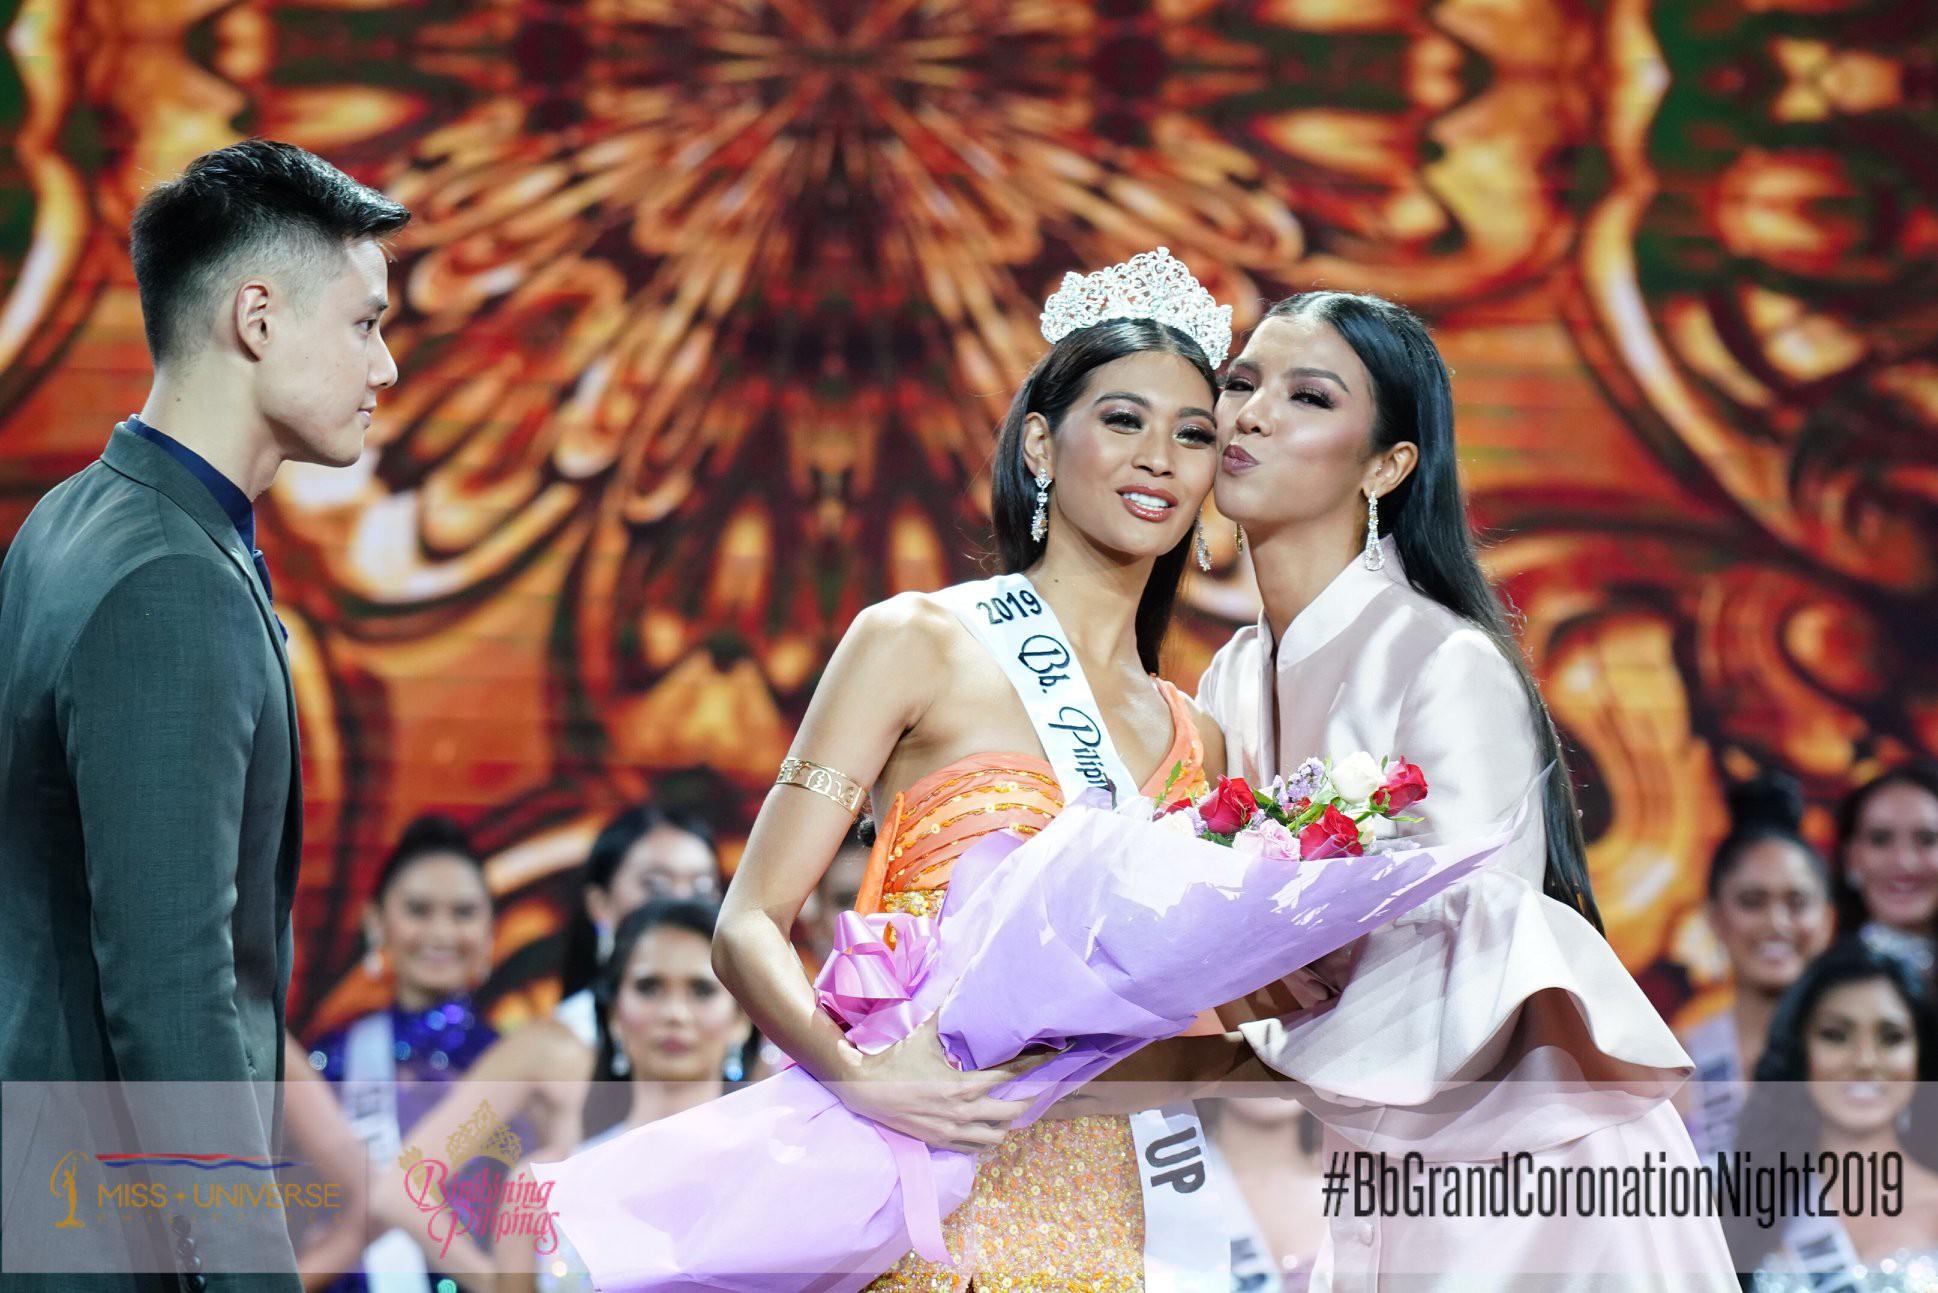 Hoa hậu Hoàn vũ Philippines 2019 lộ diện, được dự đoán tiếp tục gây sốt tại Miss Universe  - Ảnh 8.